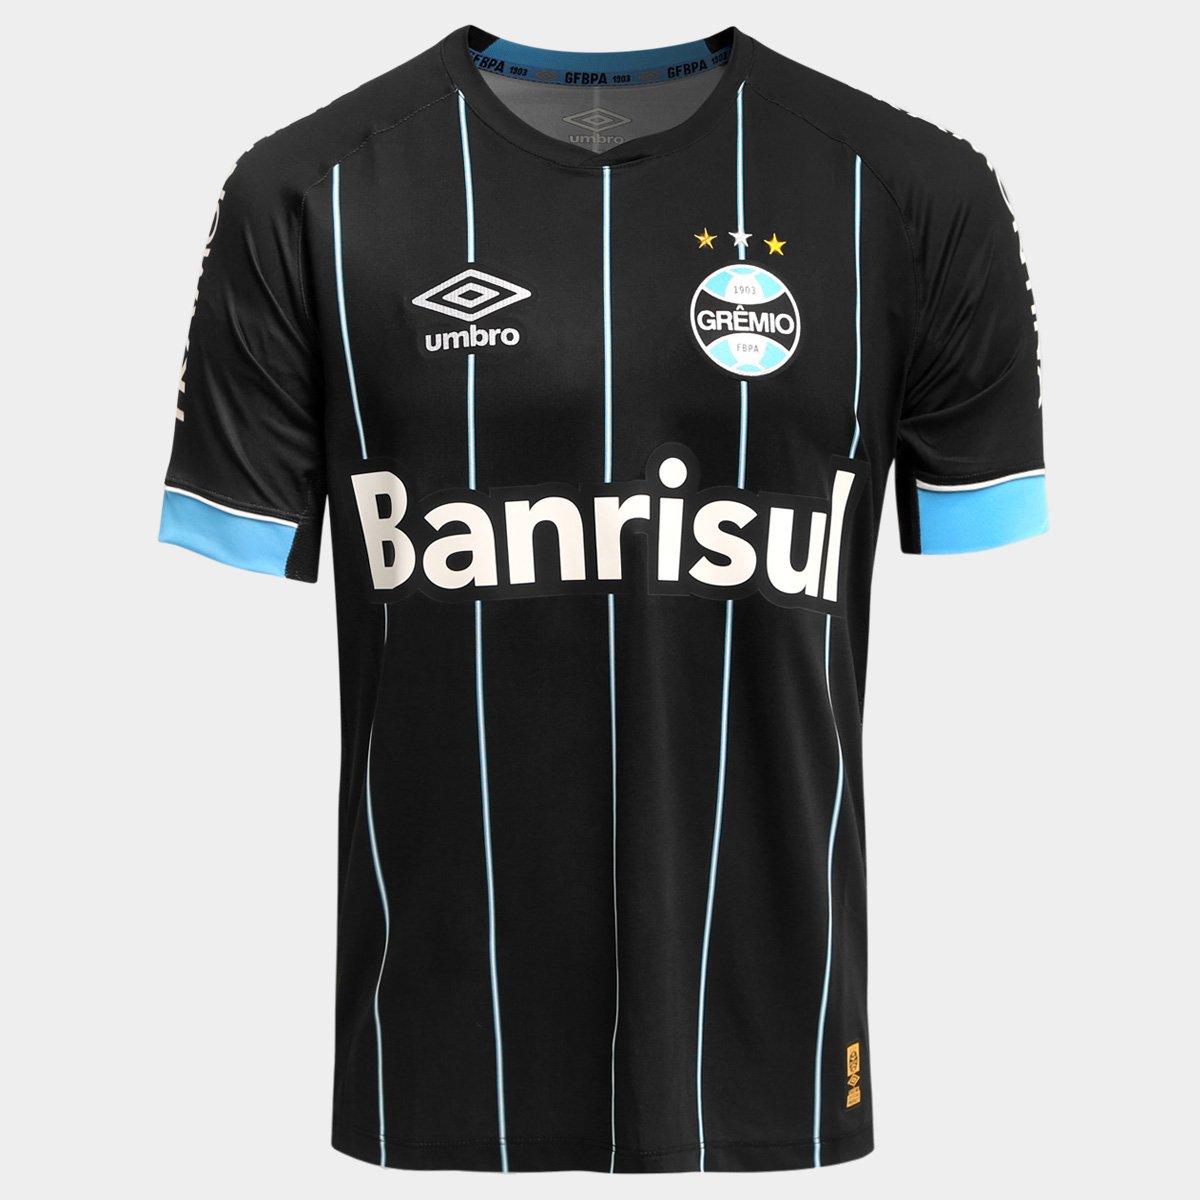 Camisa Grêmio IV 2015 s nº - Torcedor Umbro Masculina - Compre Agora ... ff082d1e78142